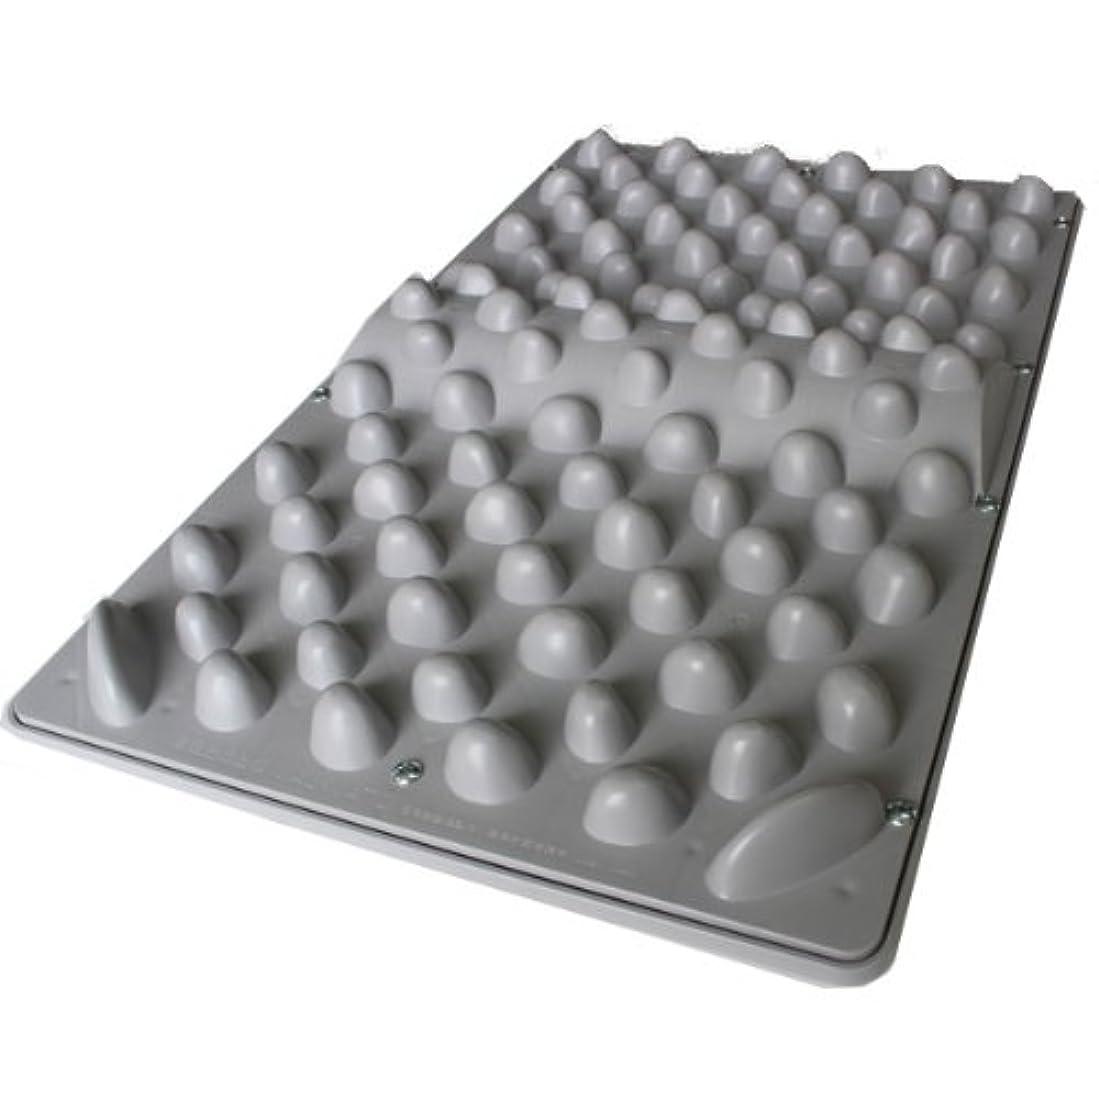 不完全なドメイントラップ官足法 ウォークマットⅡ 裏板セット(ABS樹脂製補強板付き)